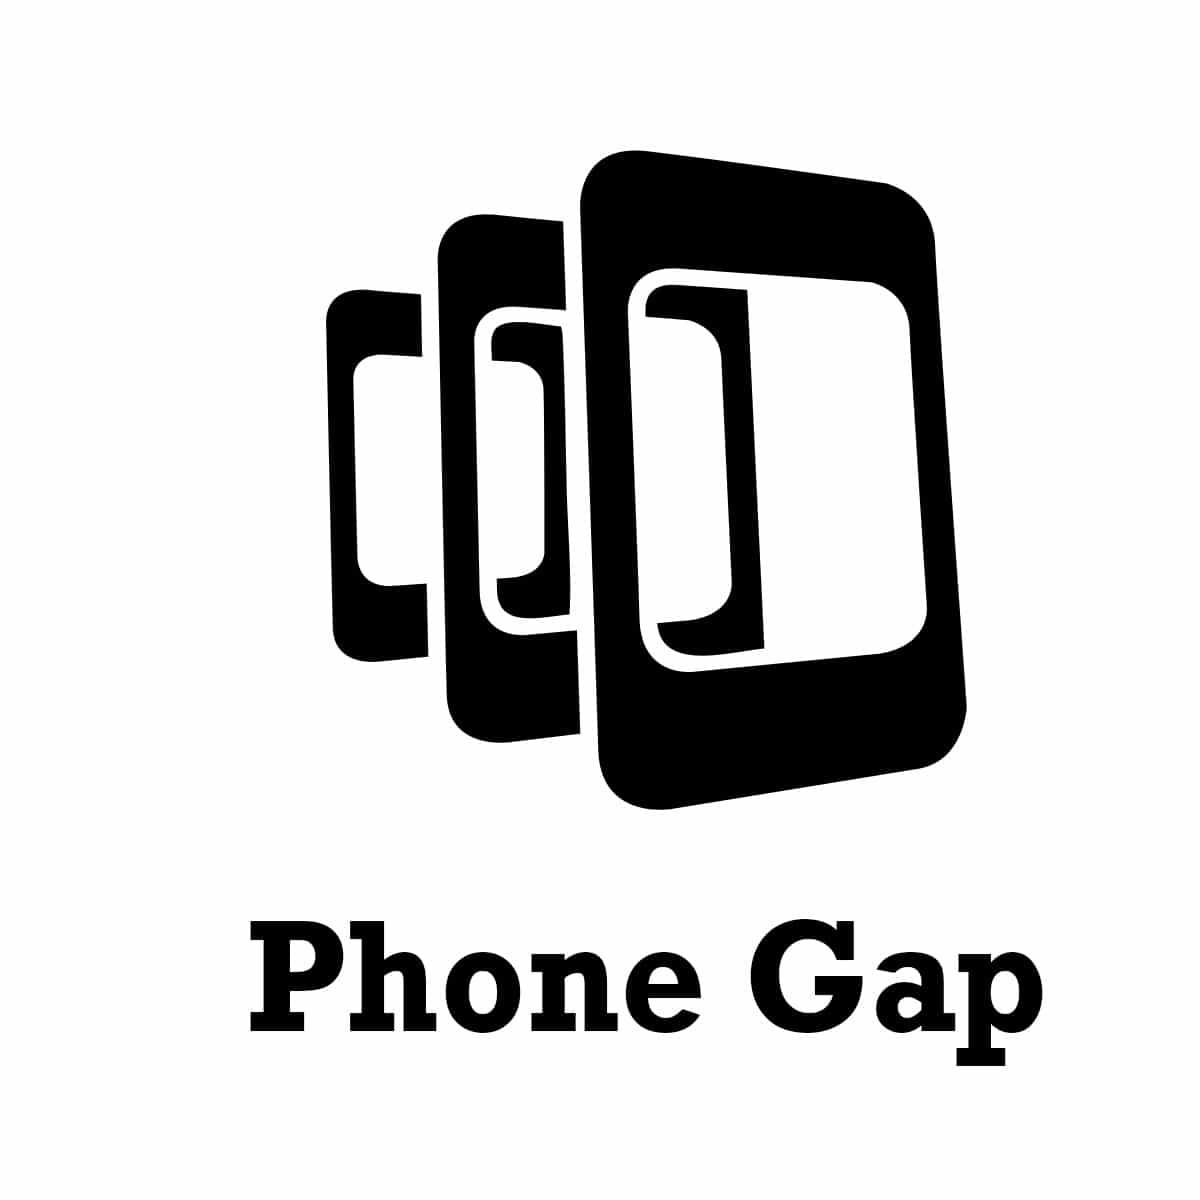 Phone Grap